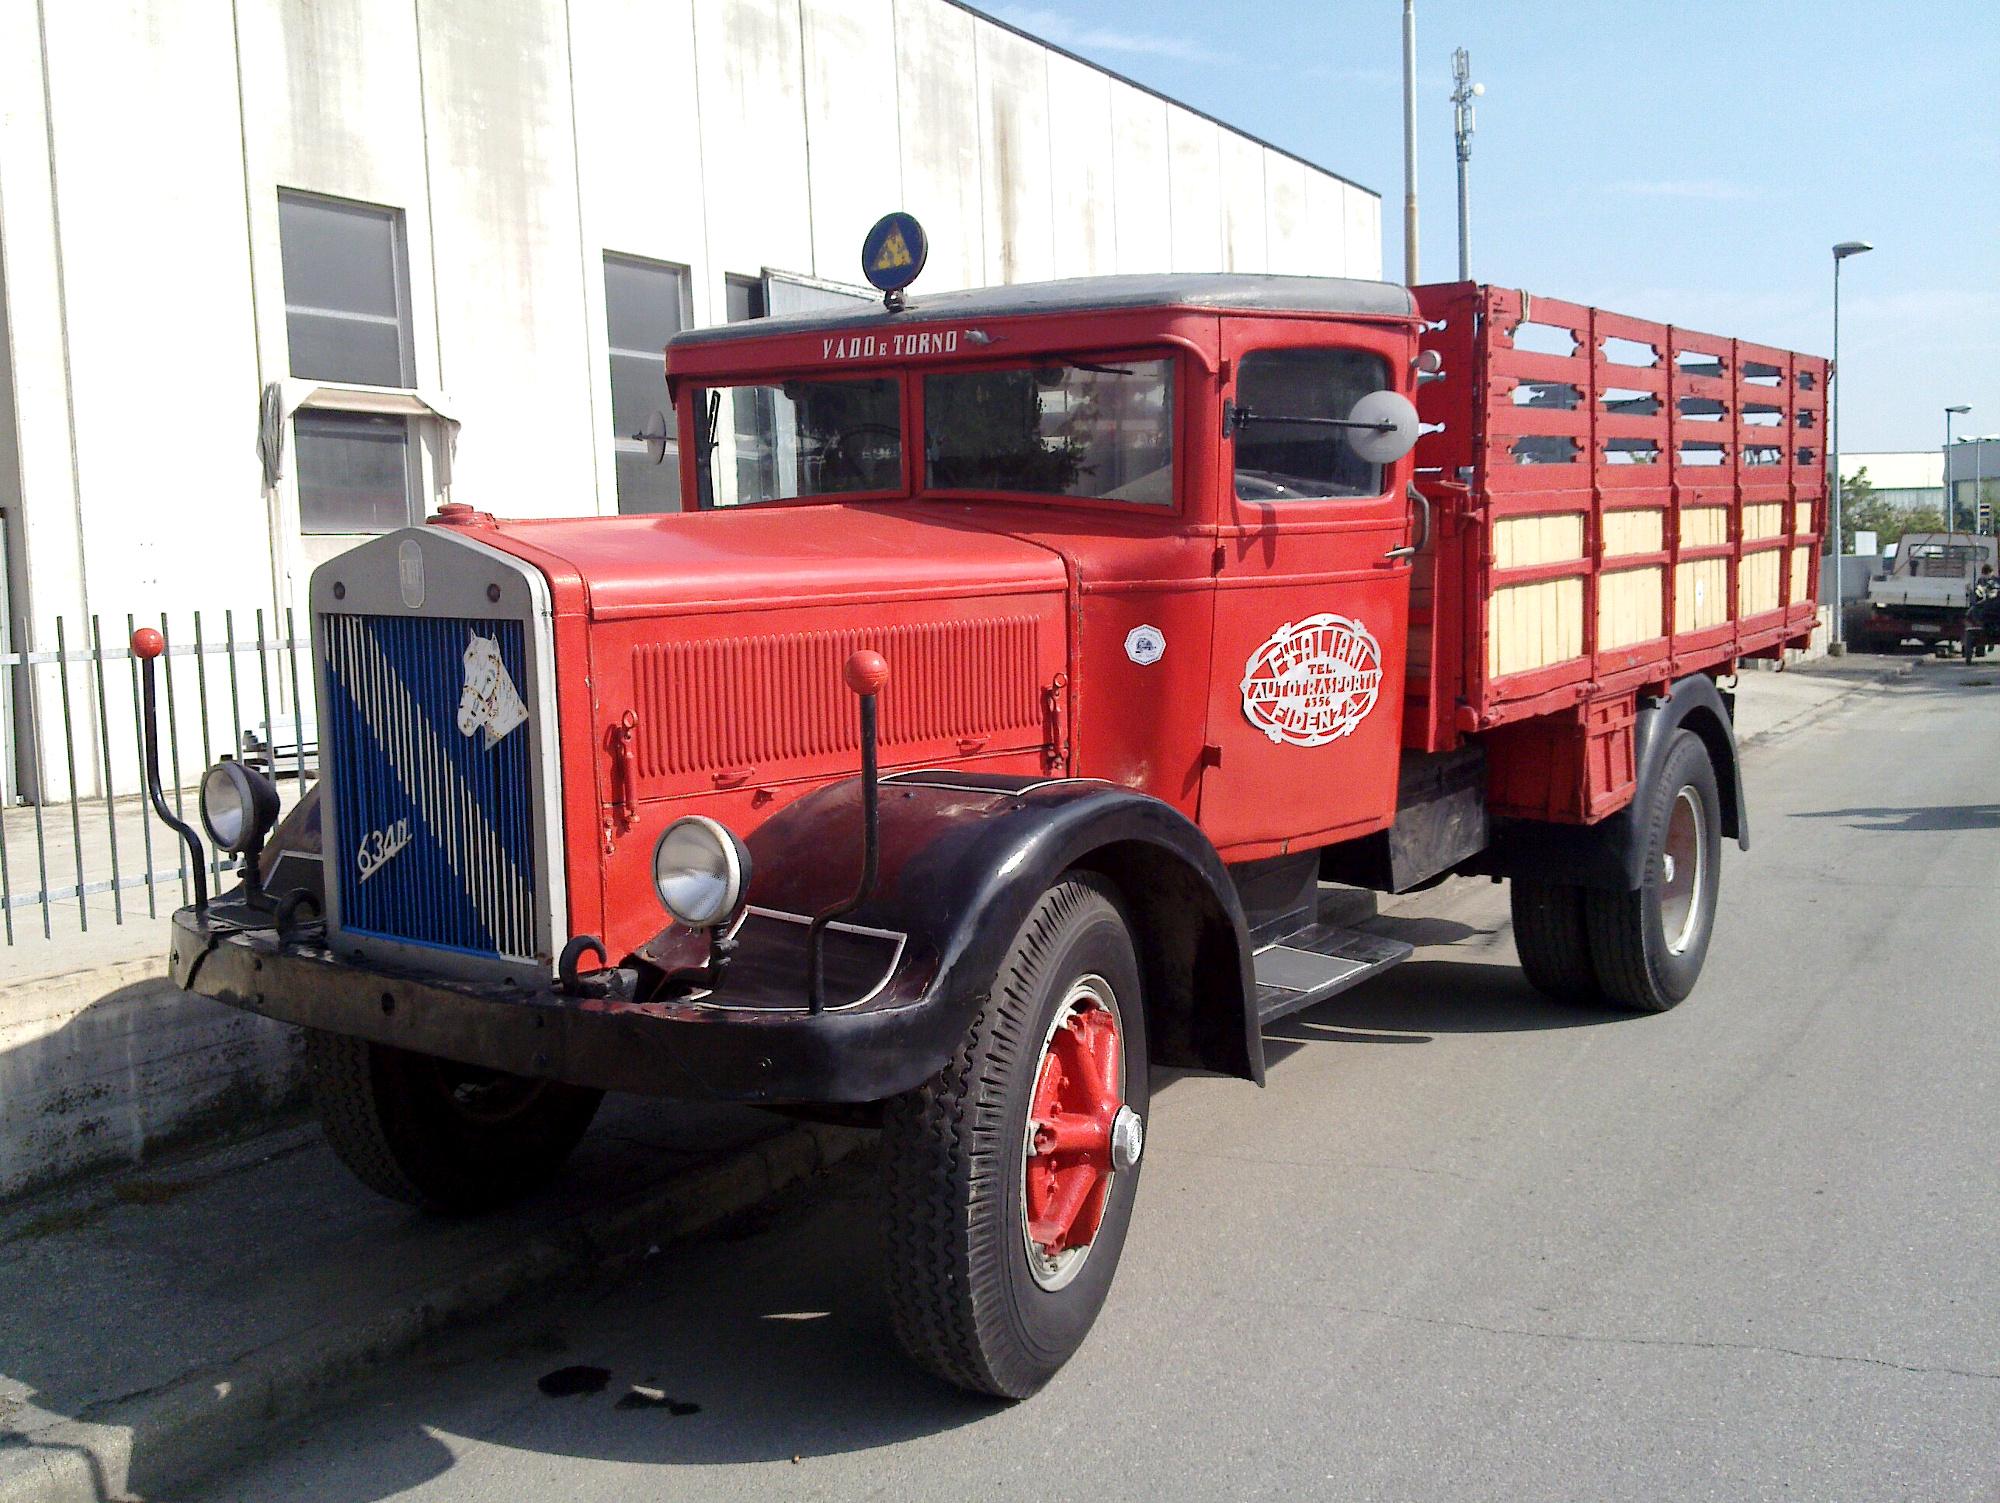 Historia transportu – odc. 48. Mimo podatków, prawie 100 lat temu inwestycja w ciężarówkę zwracała się szybko